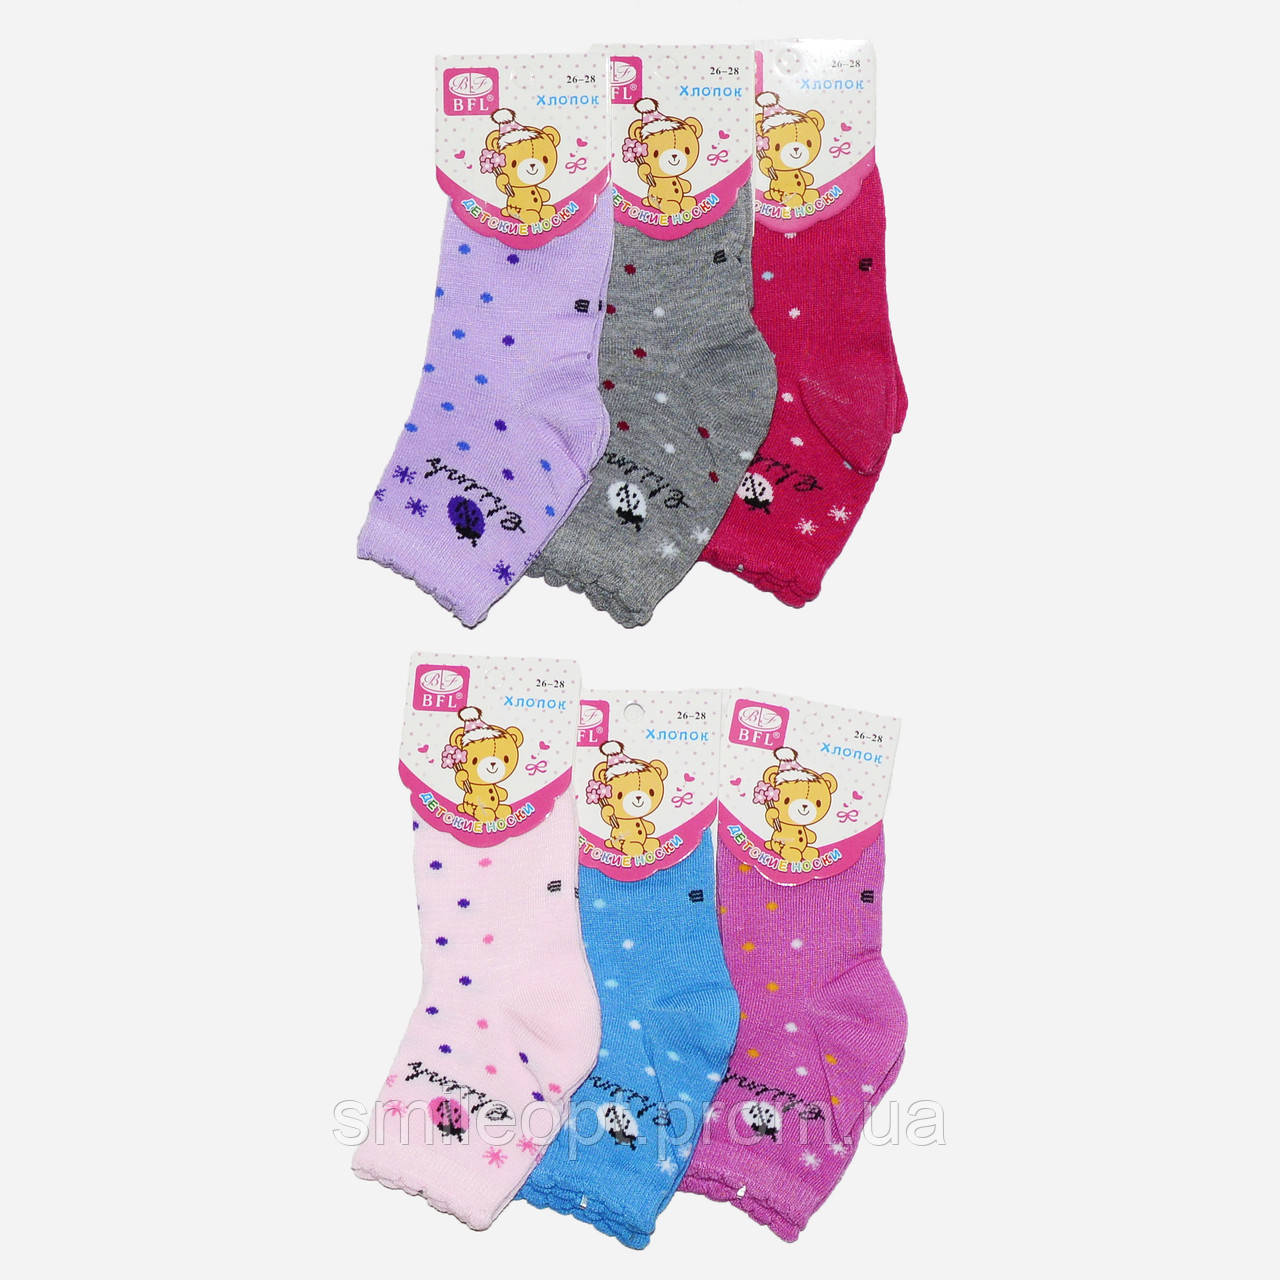 76f27cdf98f1a Хлопковые носки девочка (ND227): продажа, цена в Одессе. носки и ...